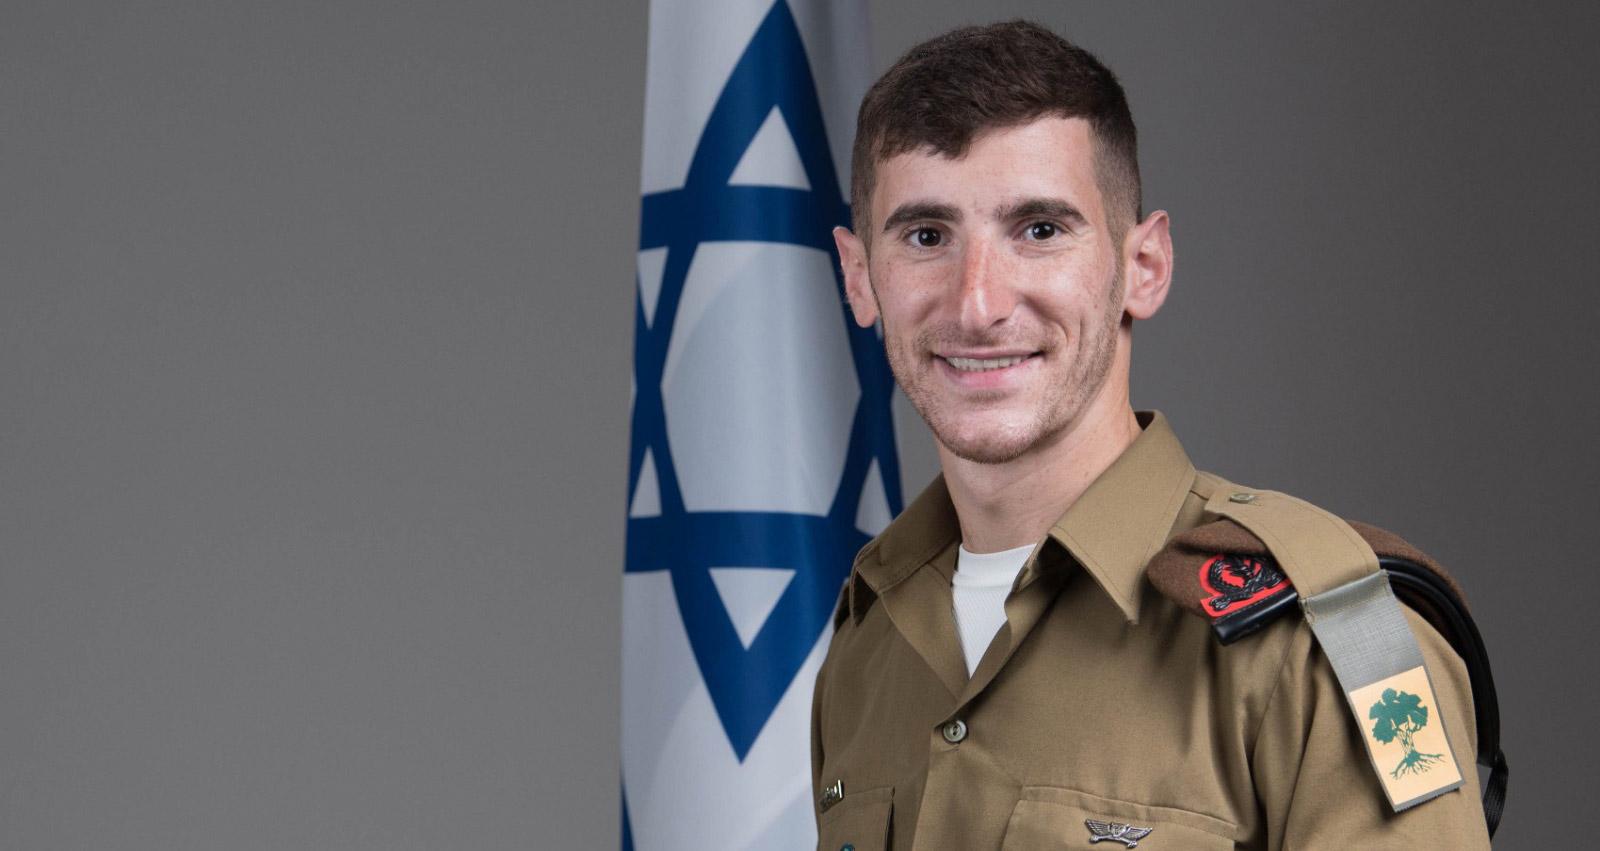 יהודה רייך, חייל מצטיין נשיא המדינה יום העצמאות 2021